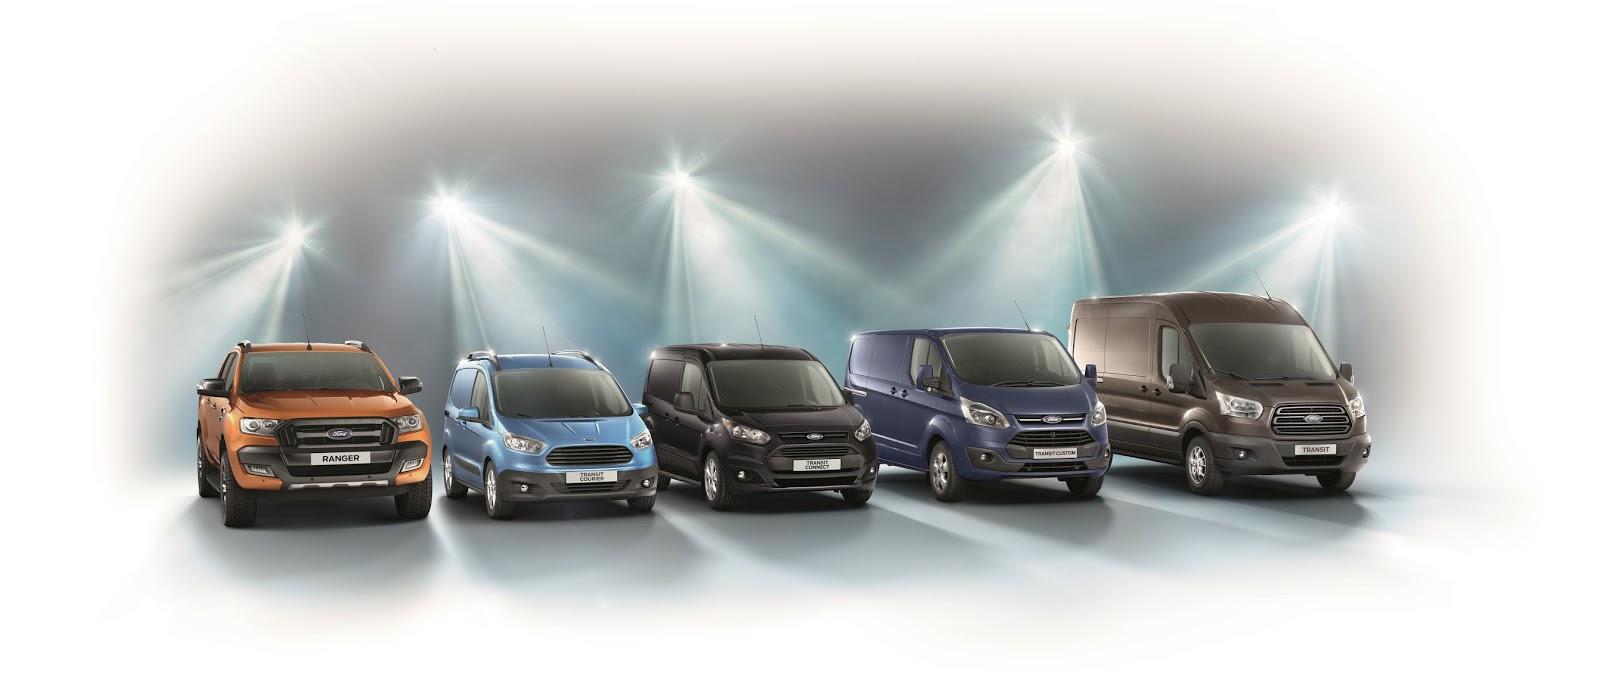 CV range image hi res Ένα νέο Ford Transit αγοράζεται κάθε 180 δευτερόλεπτα, πρωτοστατώντας στην αγορά επαγγελματικών